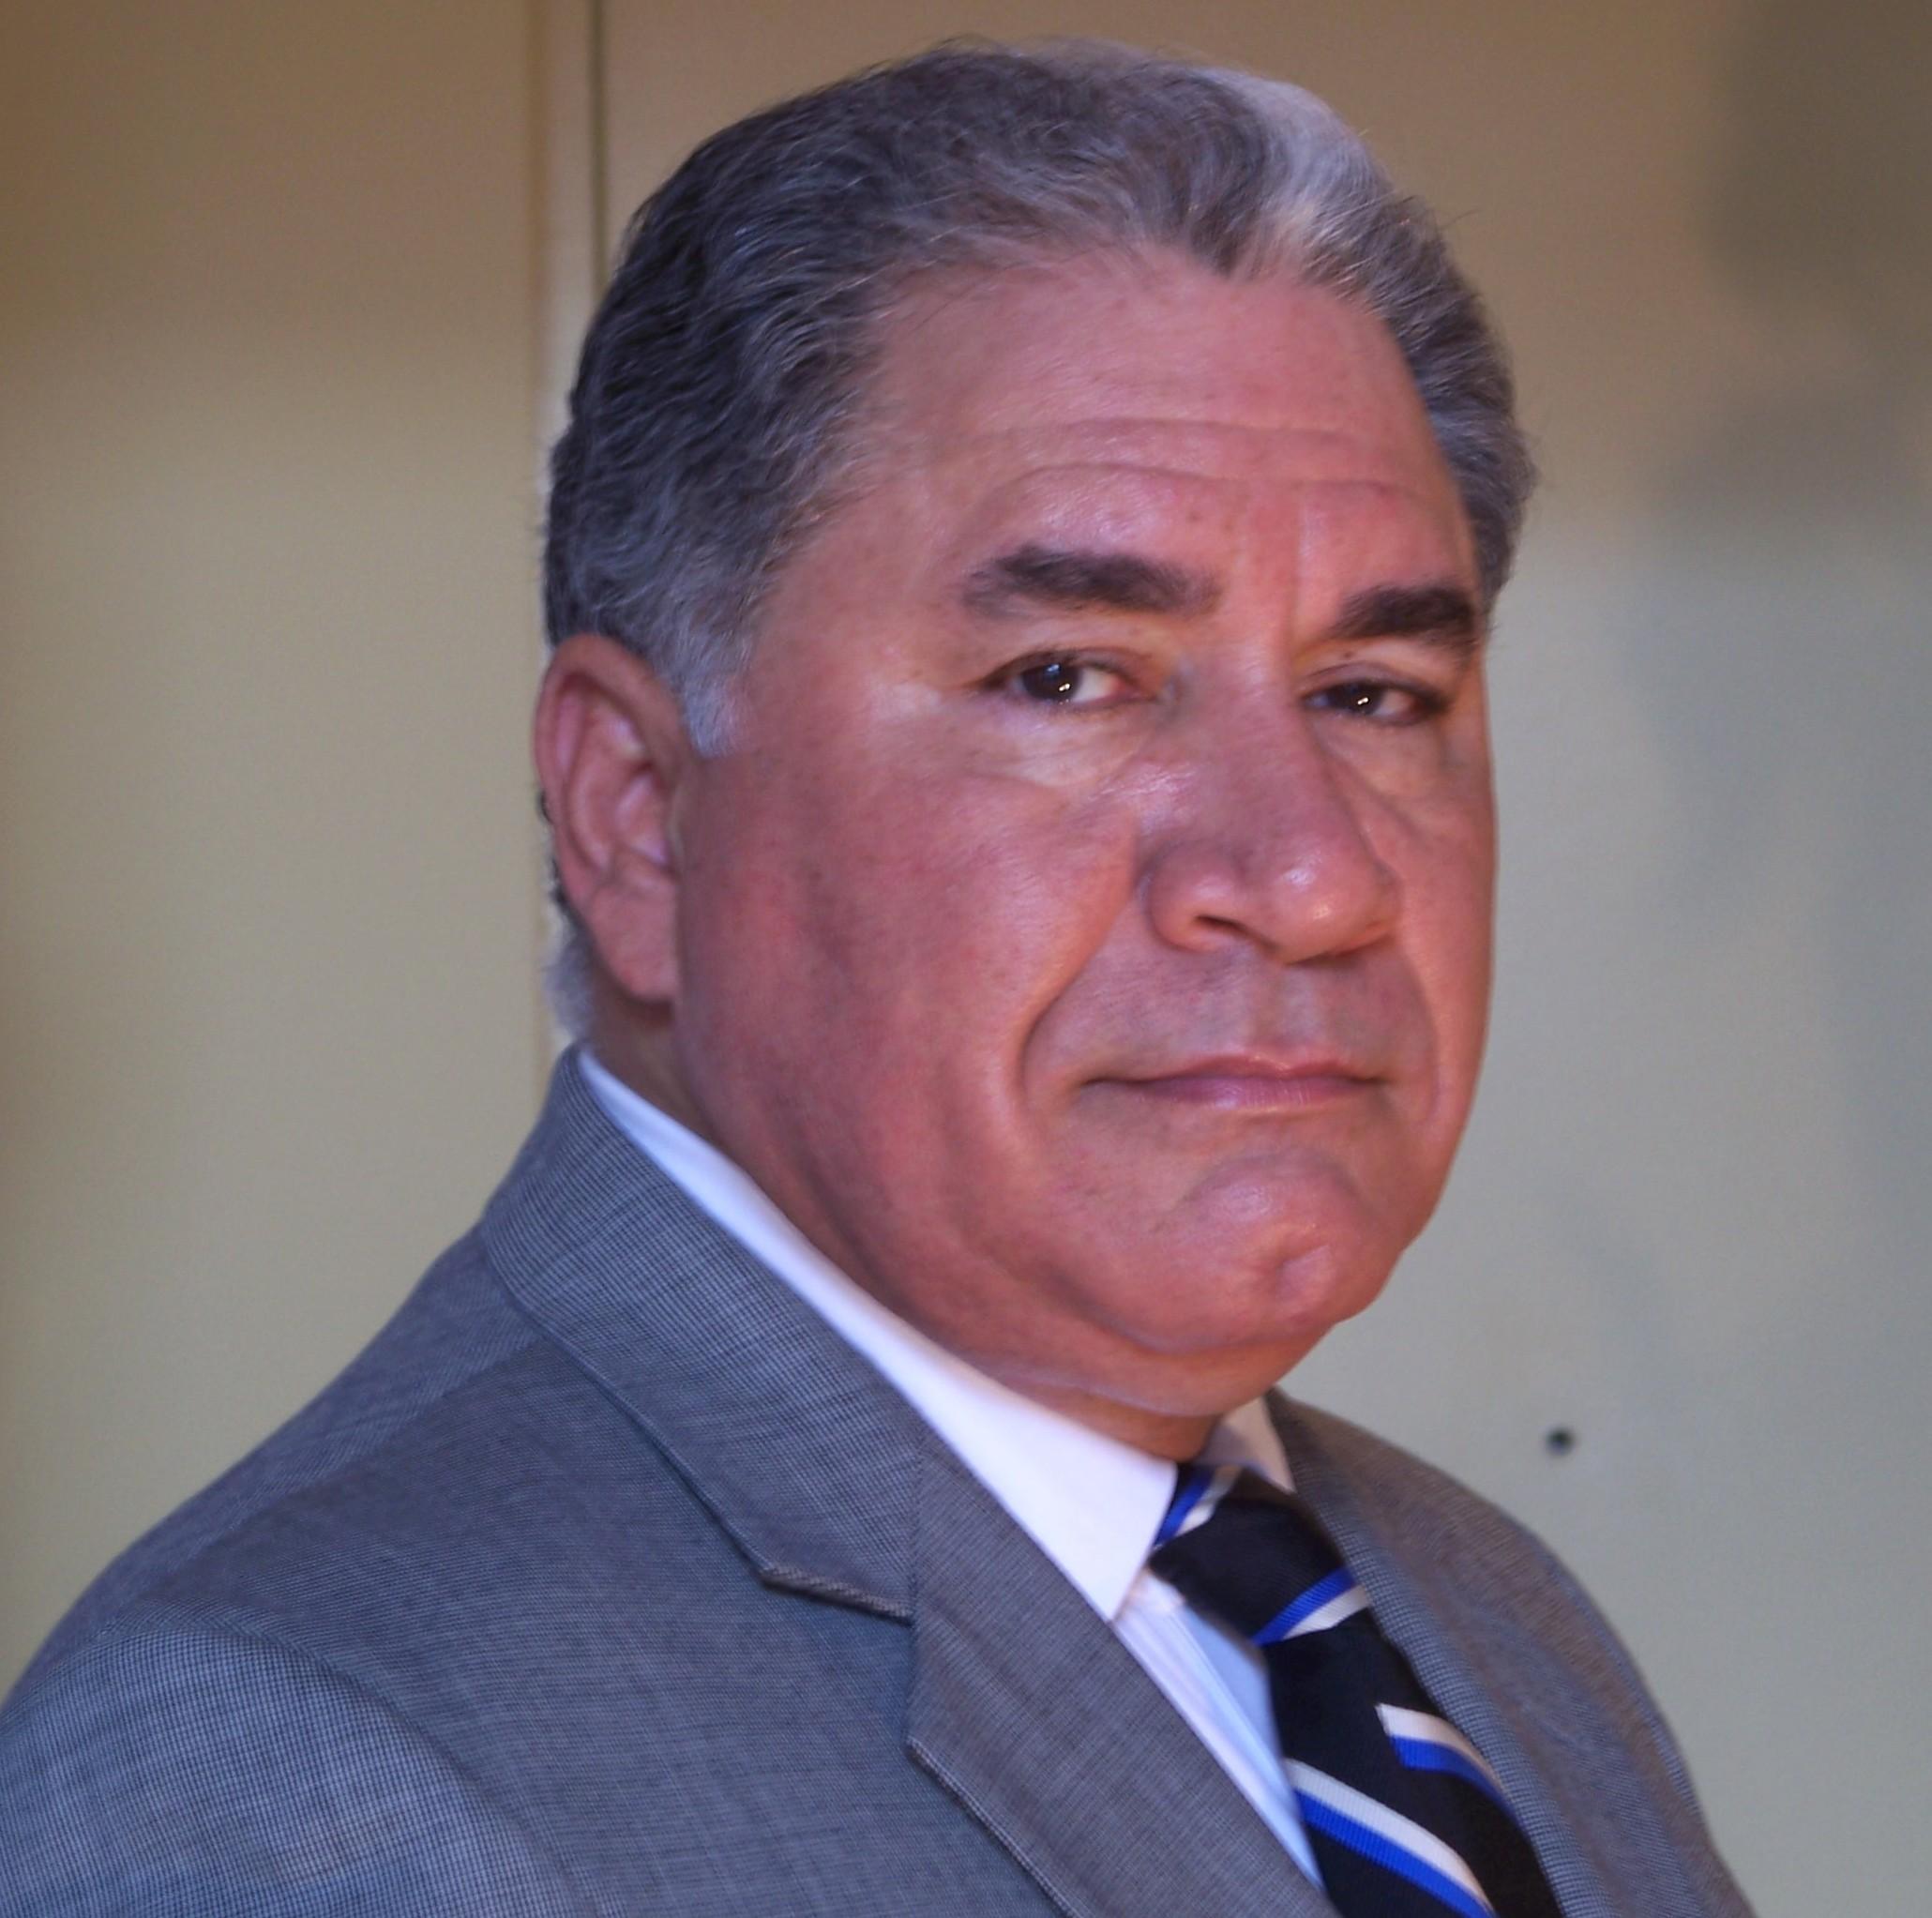 R. David Marquez